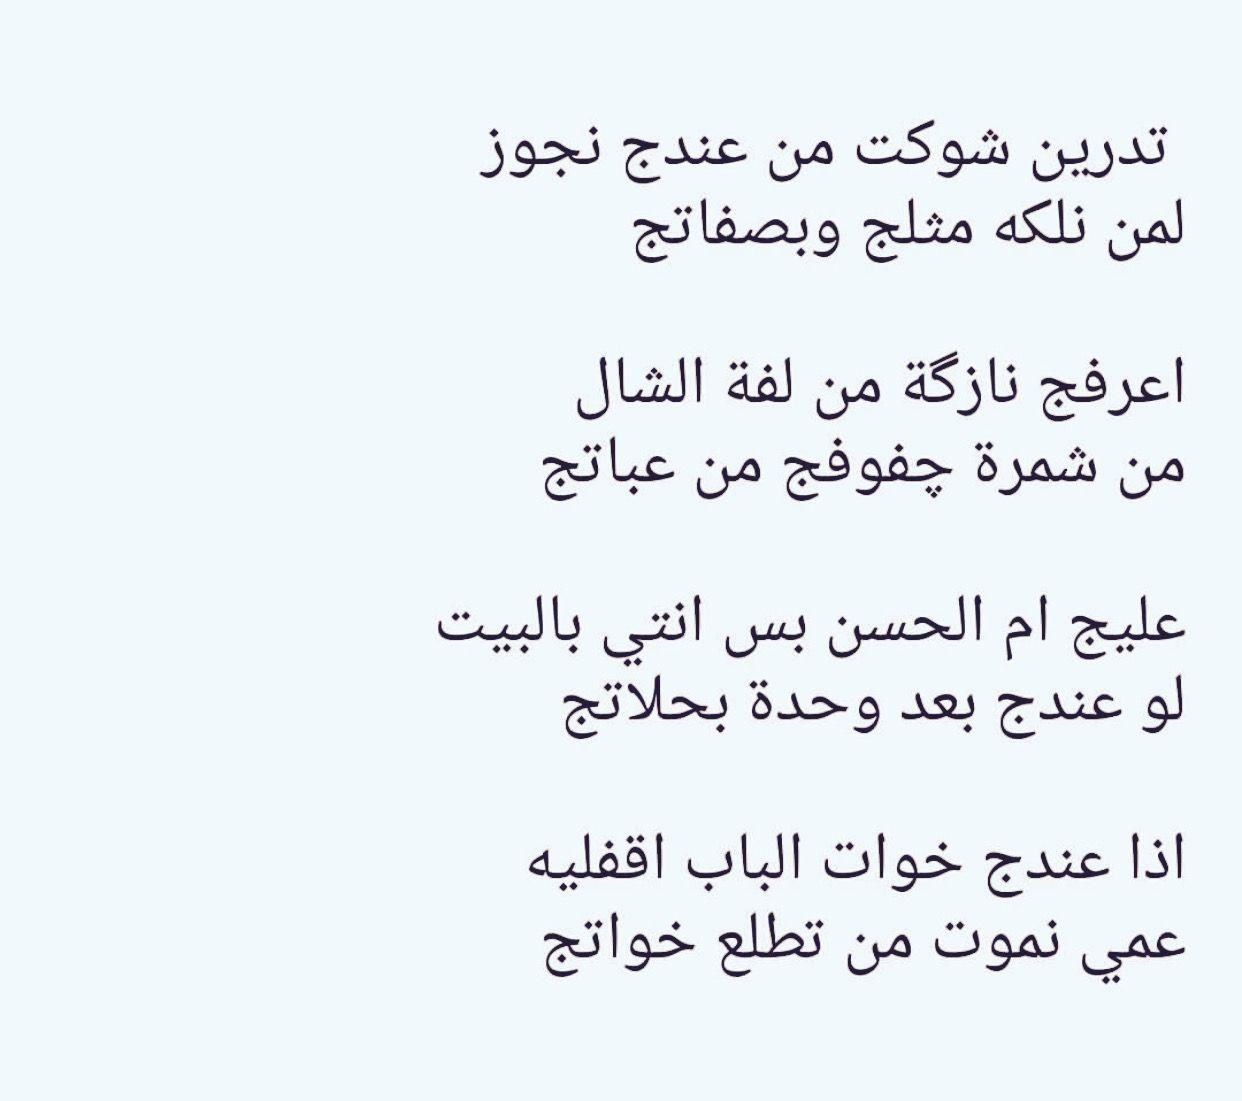 صور شعر عراقي شعبي , اجمل الاشعار العراقيه